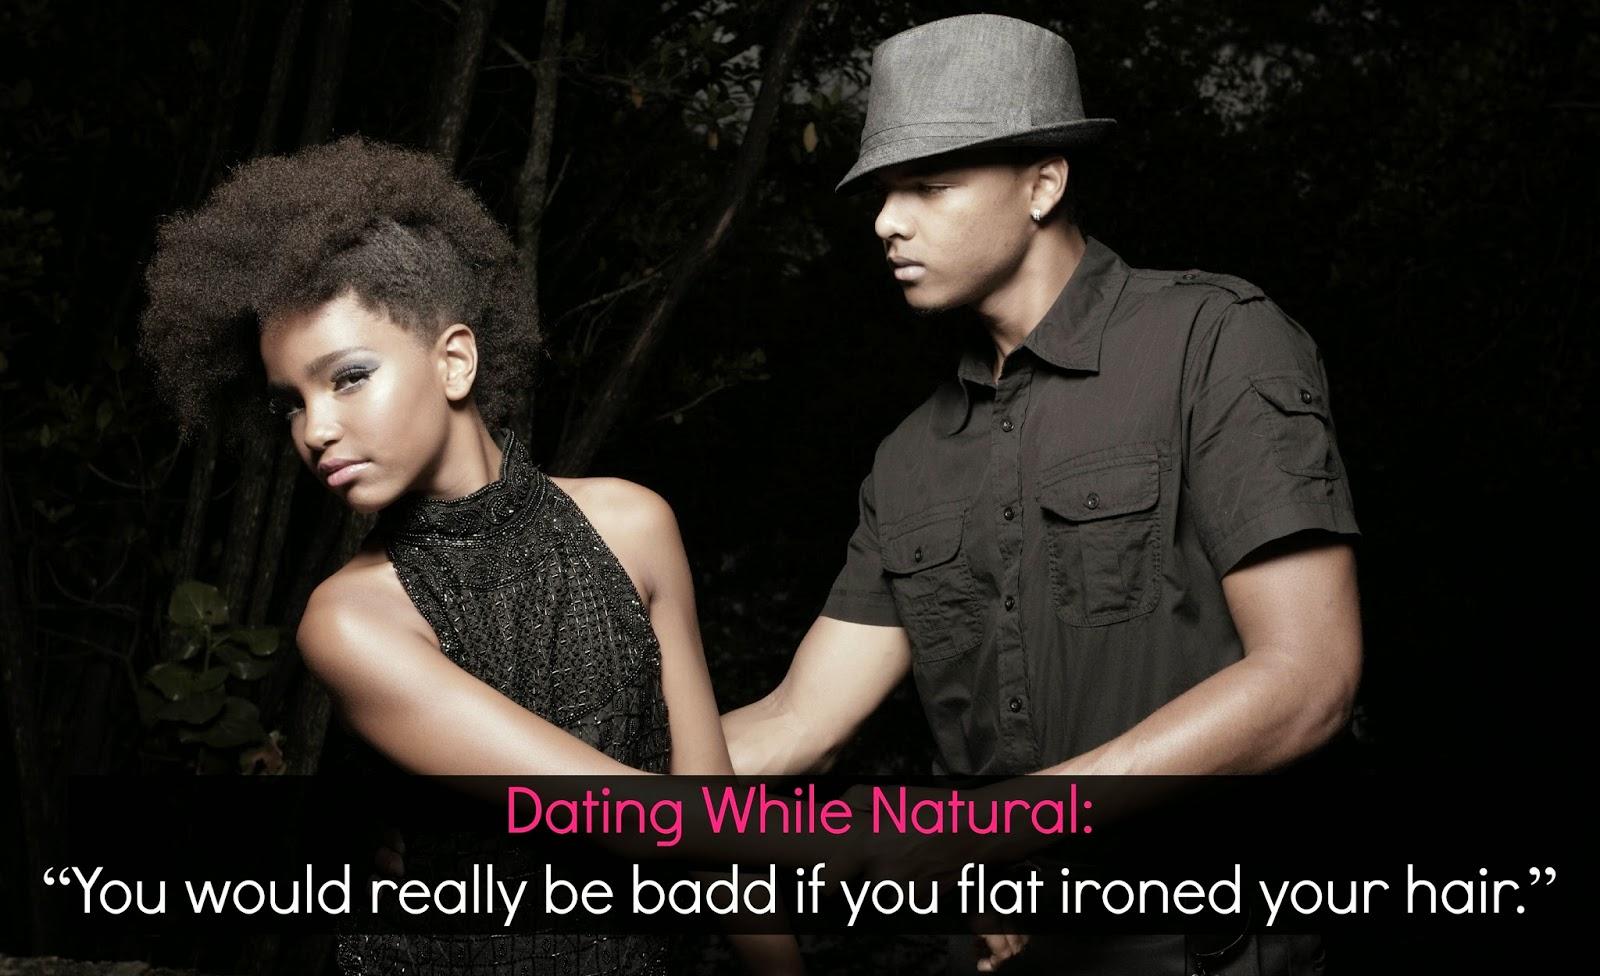 Natural hair and dating